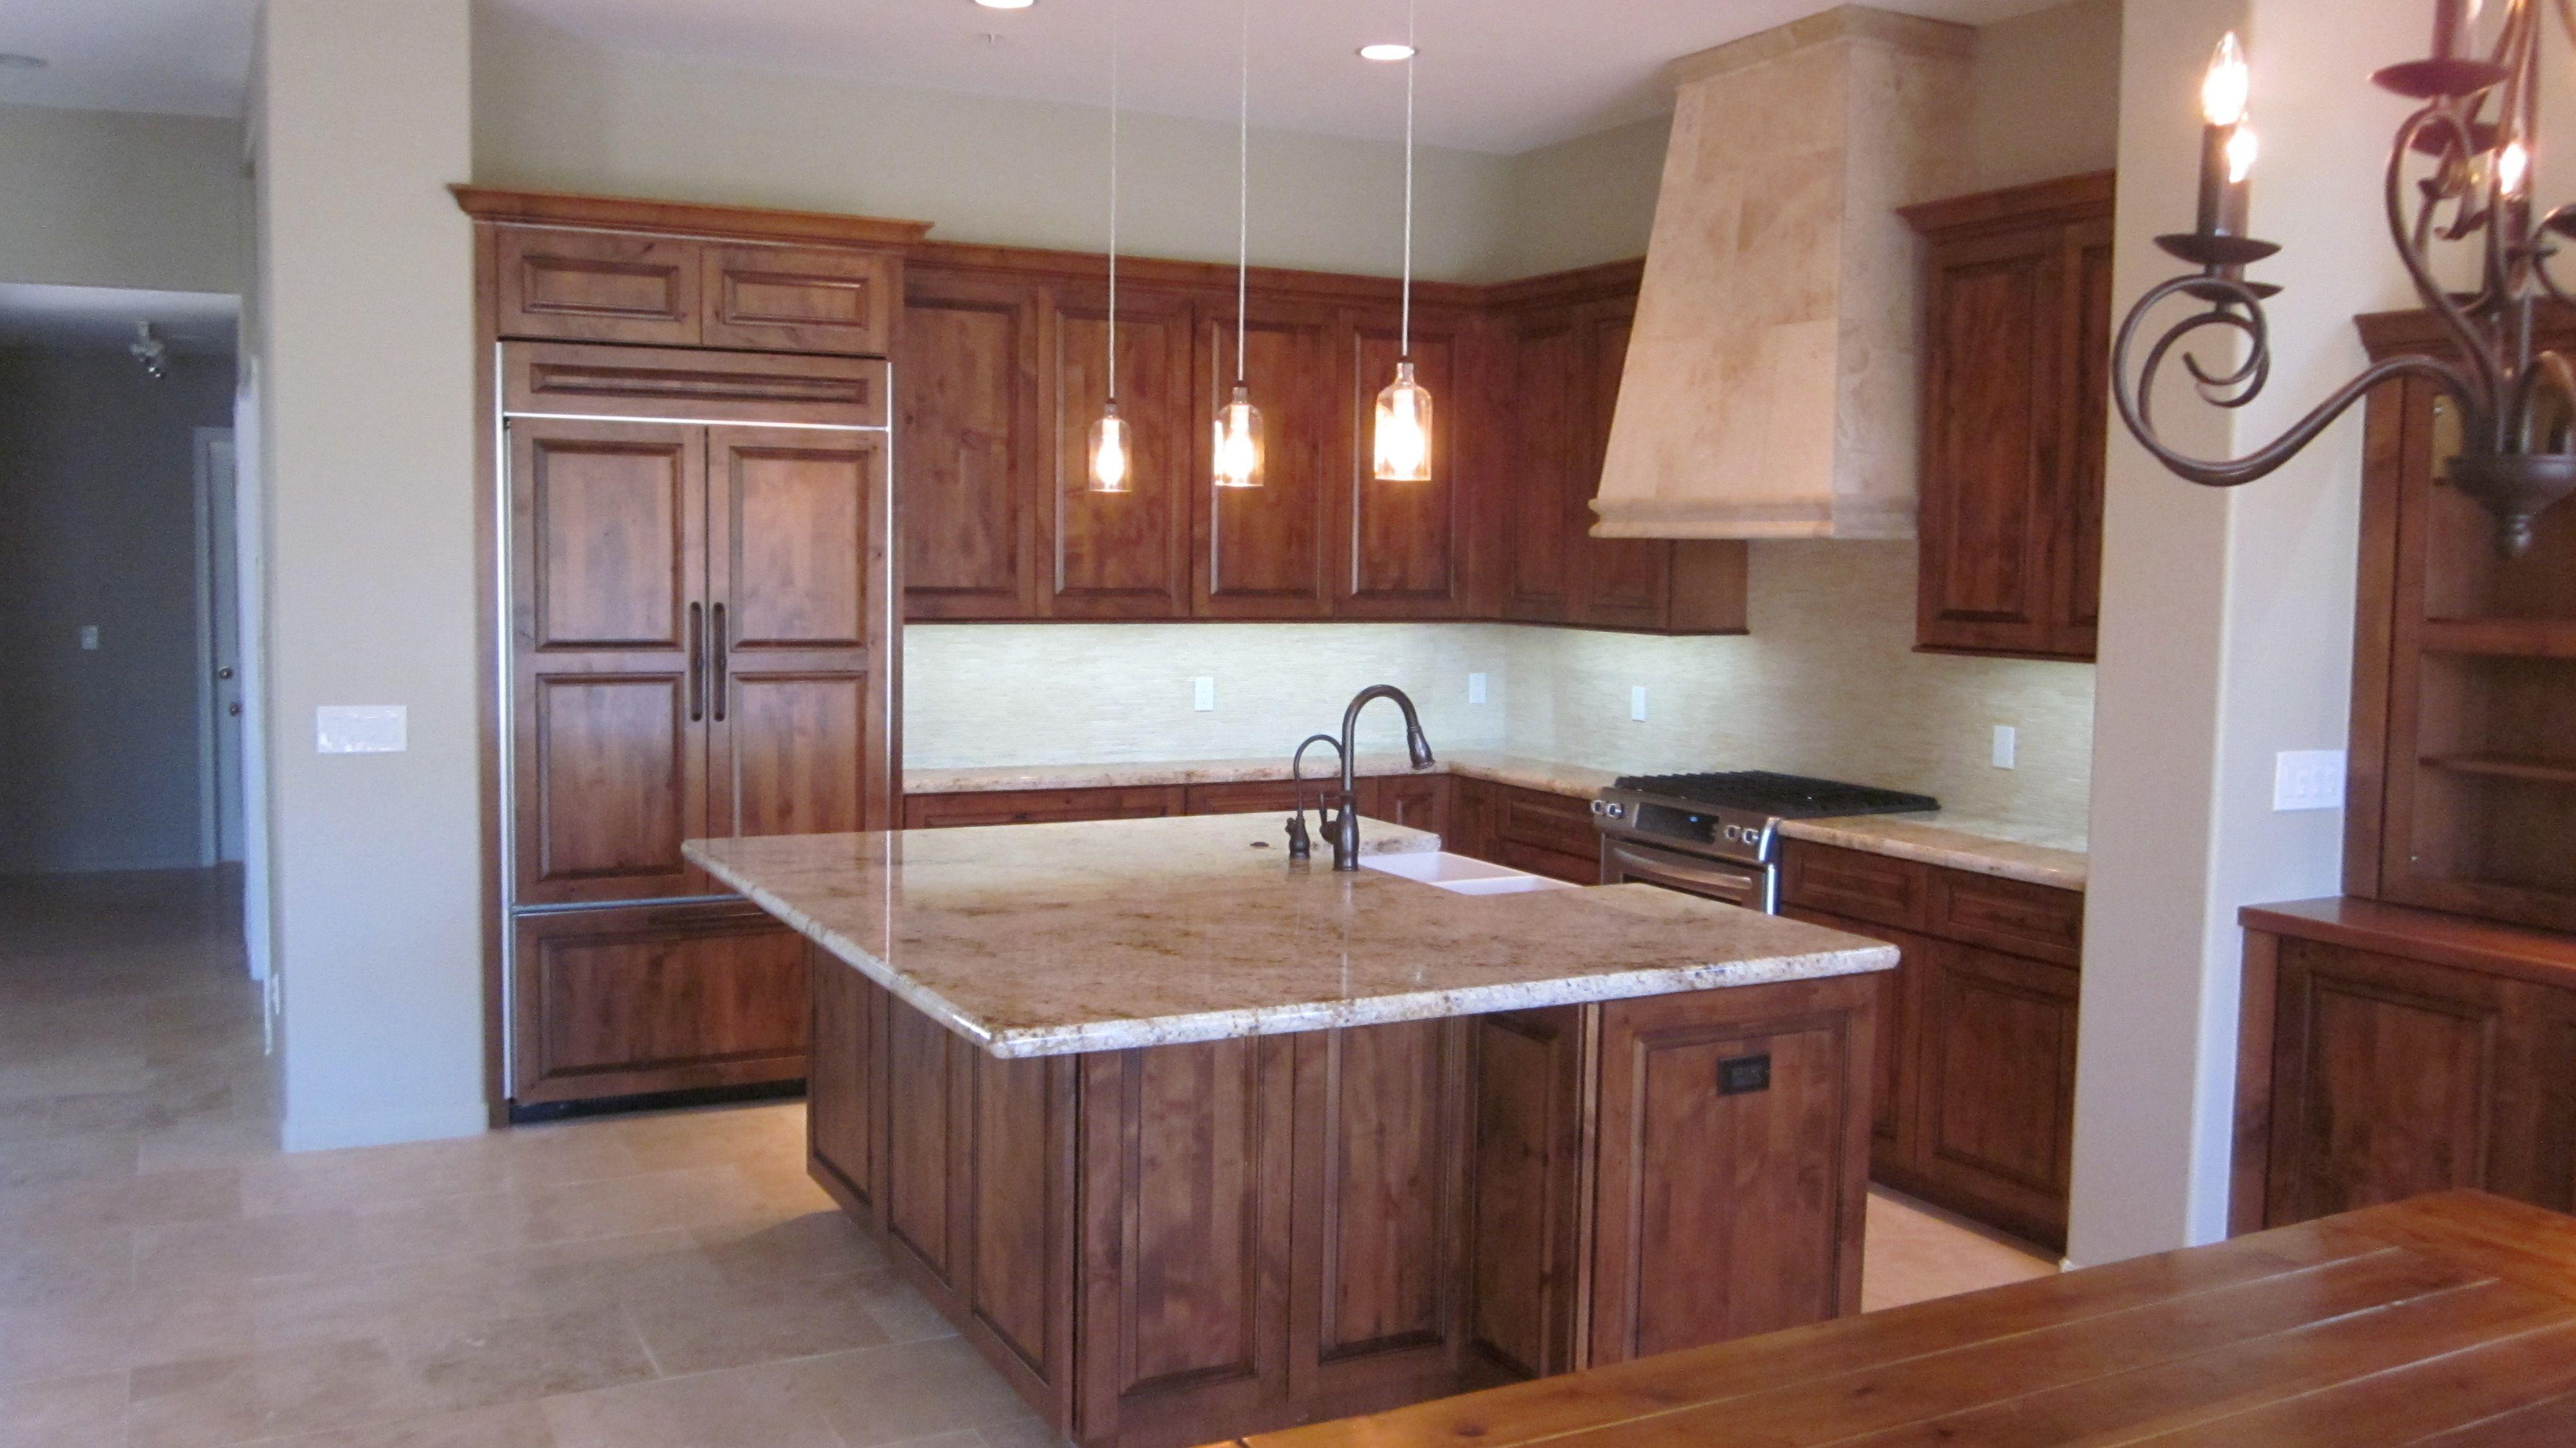 Kitchen Remodel Good Guys Remodeling LLC Scottsdale, AZ